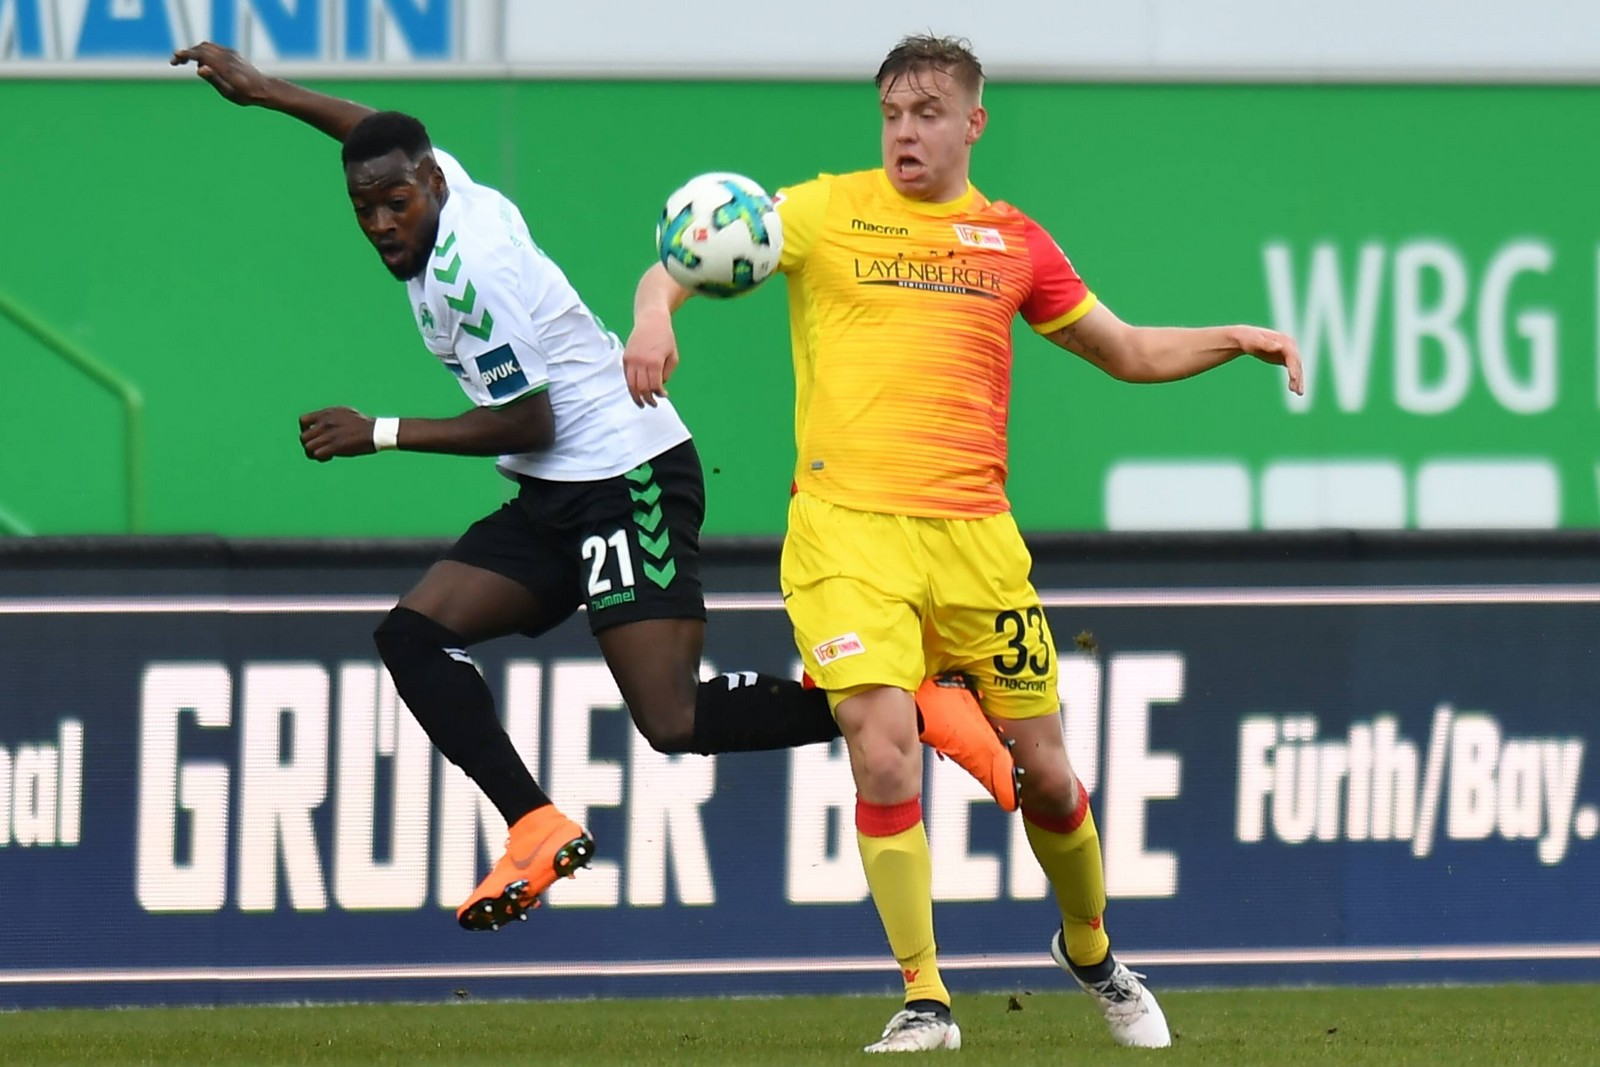 Lennard Maloney von Union Berlin im Spiel gegen Fürth